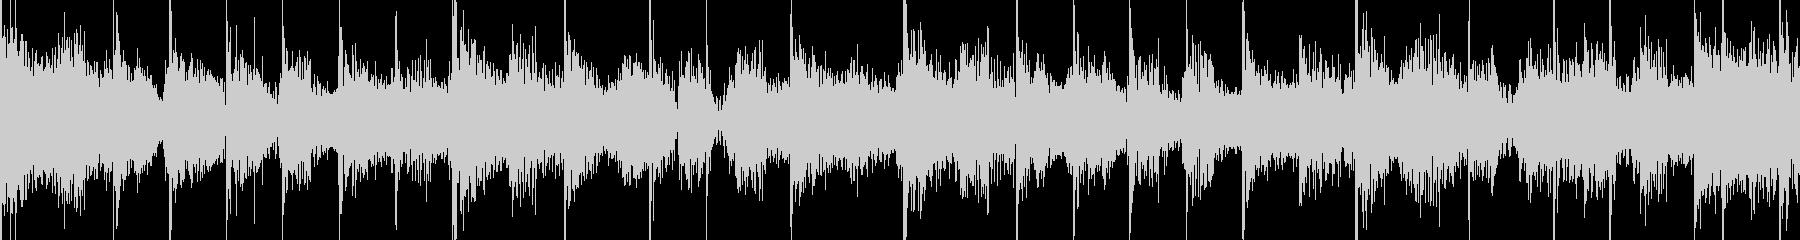 ふんわりとした雰囲気のロック・ループの未再生の波形